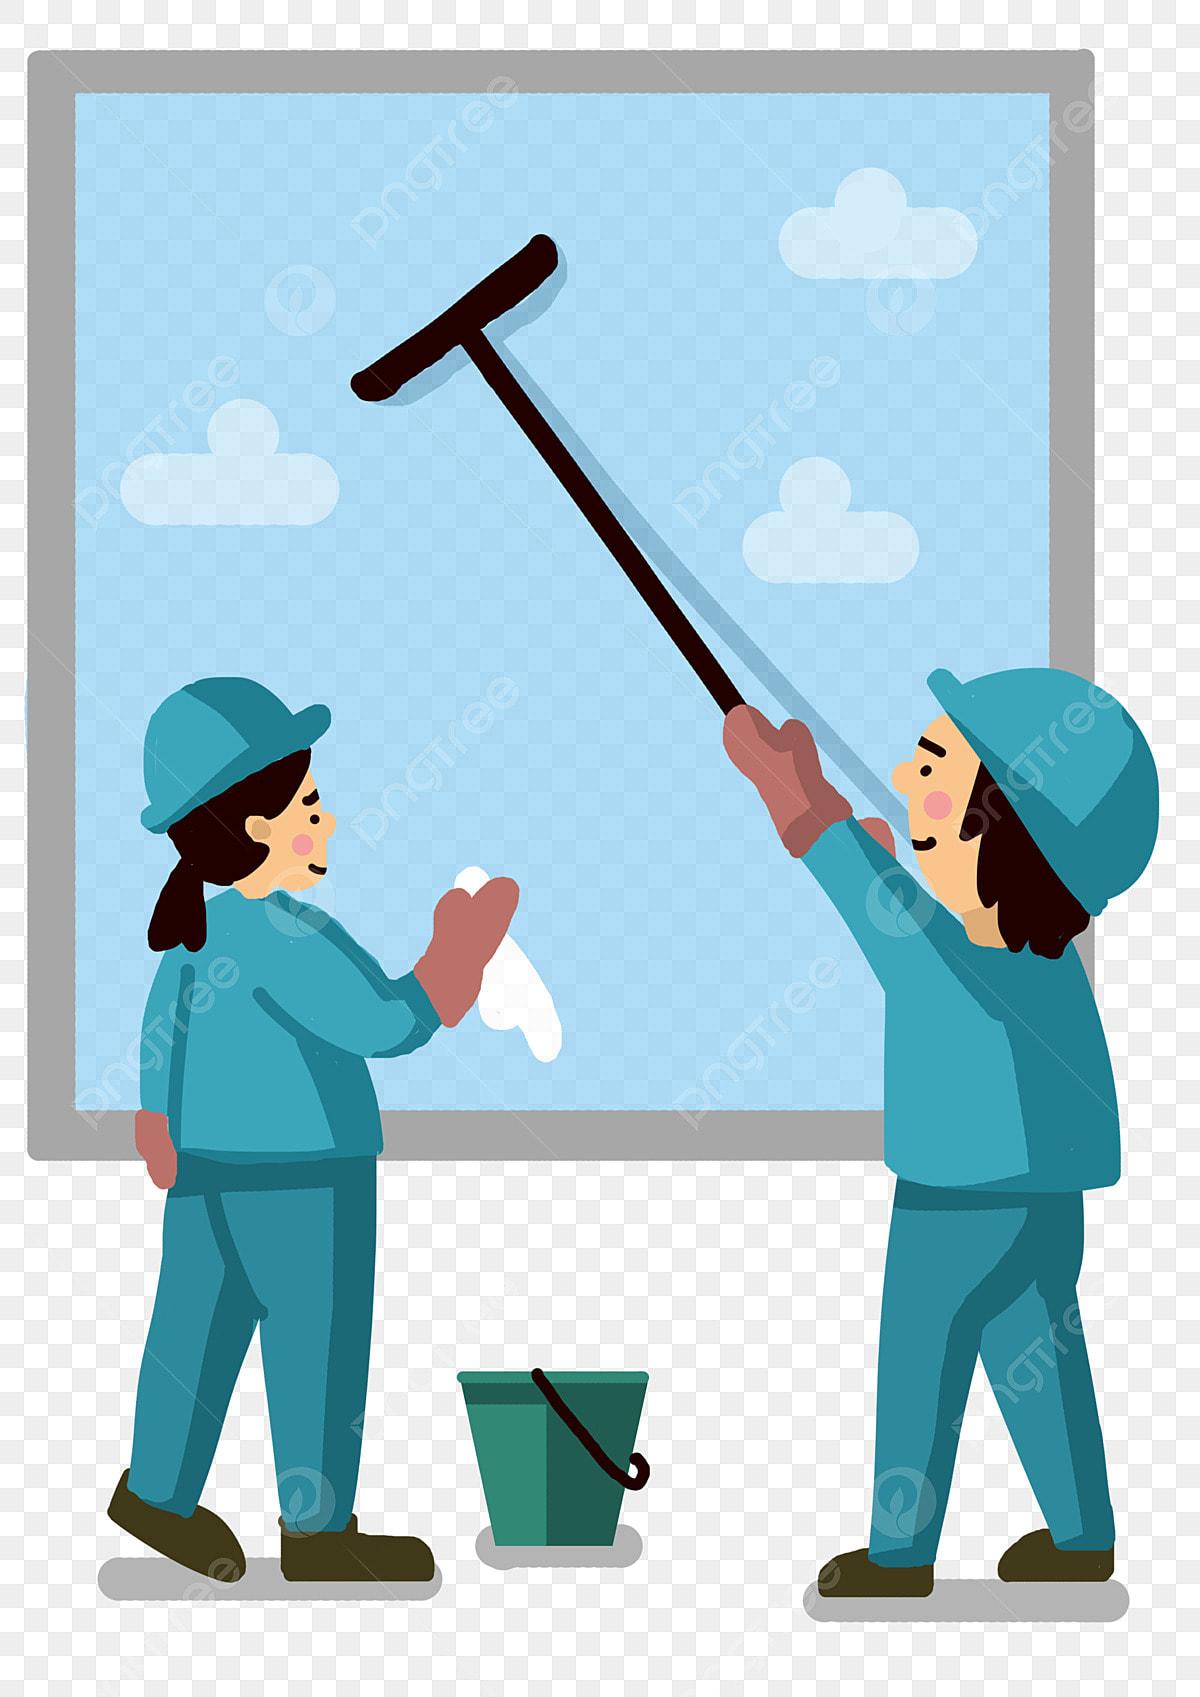 830 Gambar Kartun Rumah Yang Bersih Gratis Terbaik